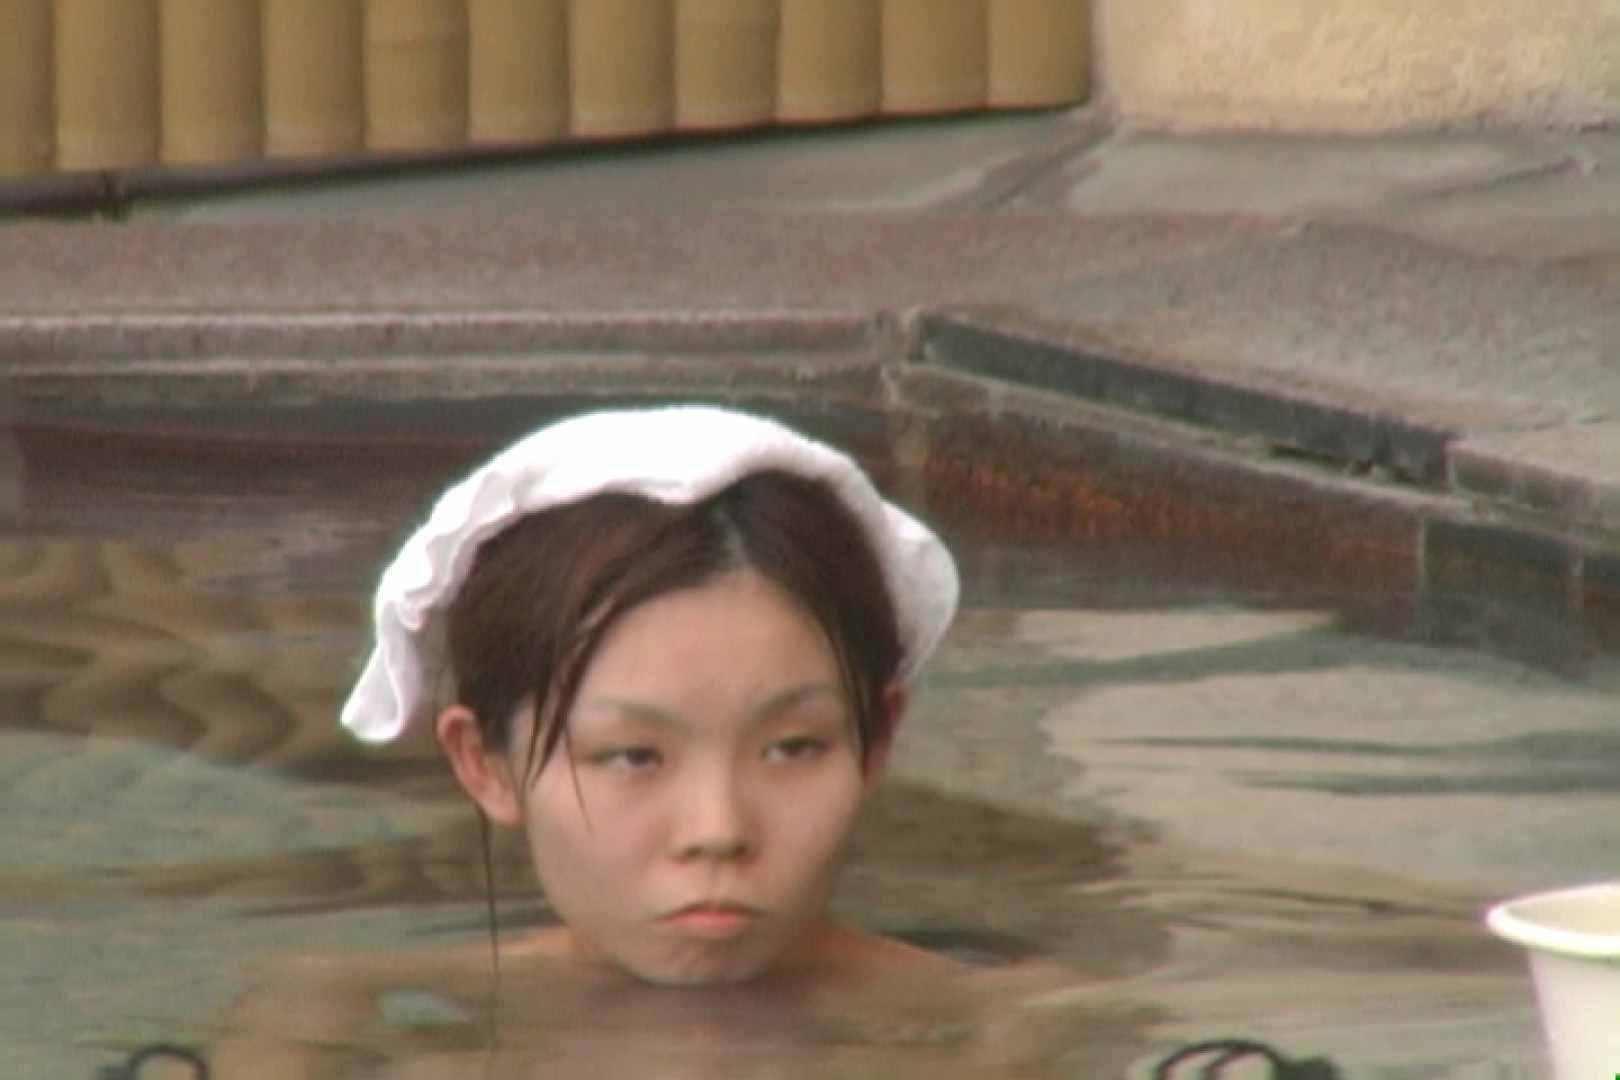 Aquaな露天風呂Vol.580 0   0  103pic 35